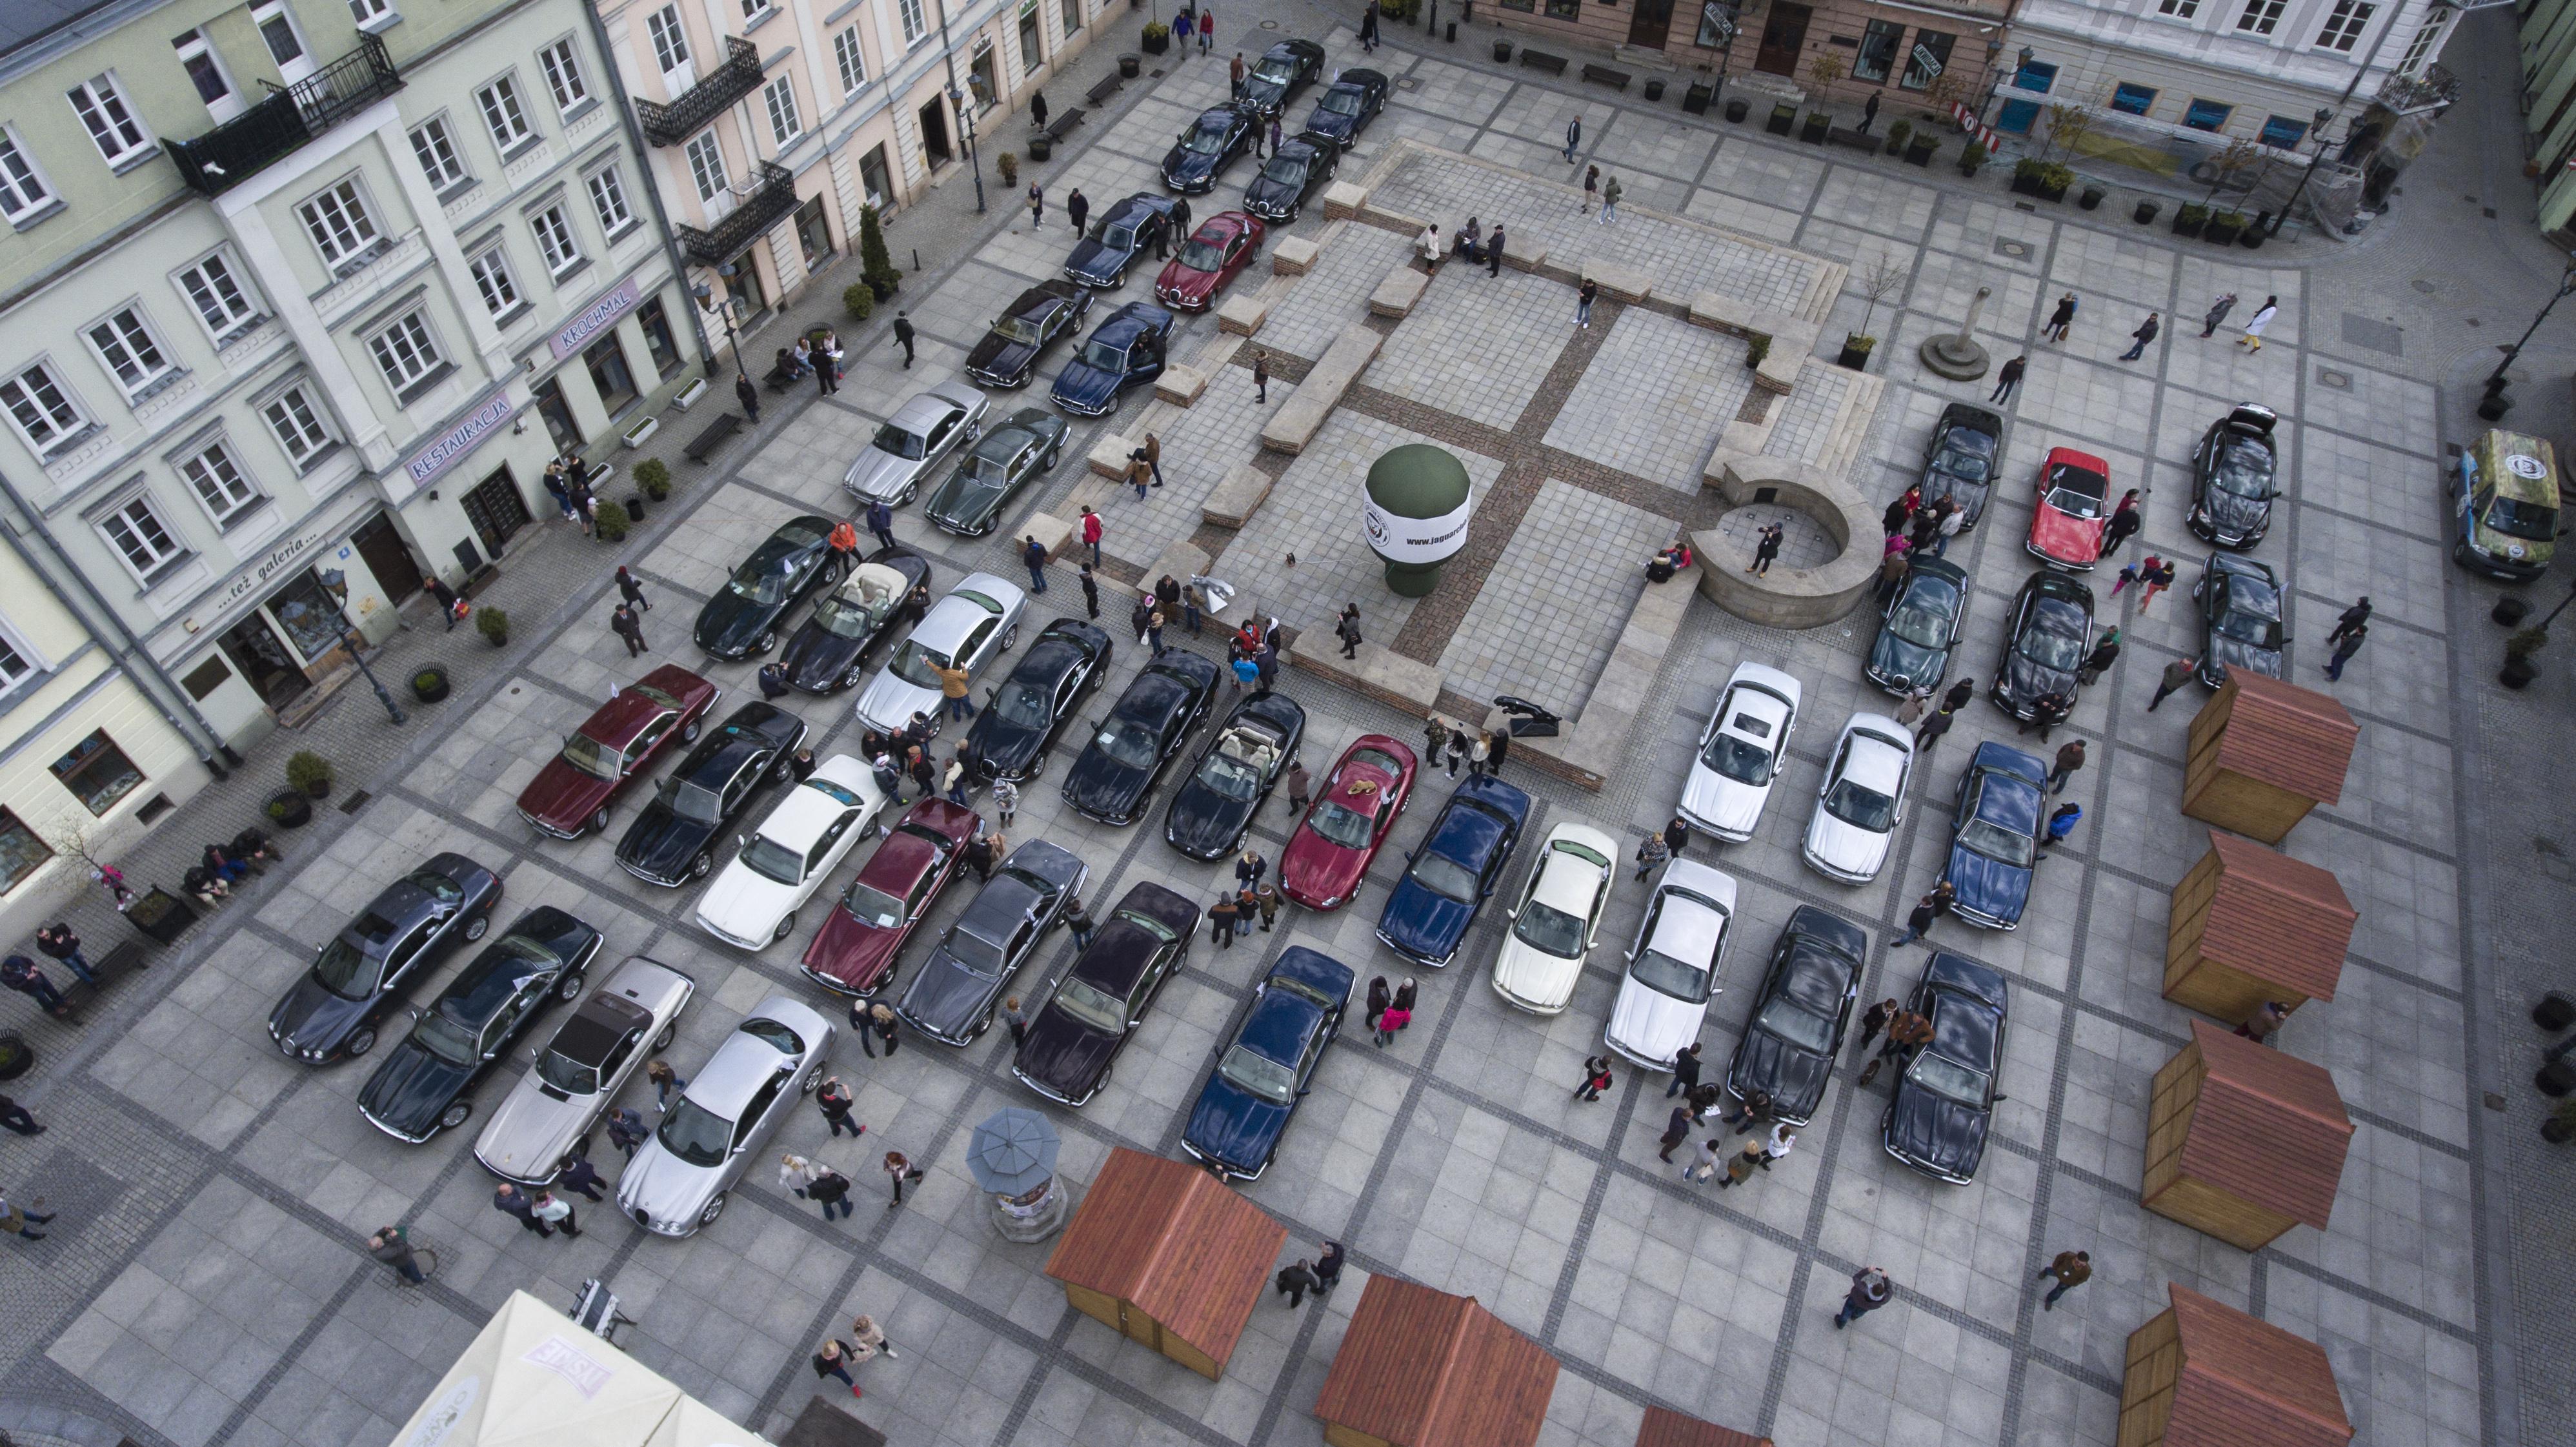 2017-04-22 - Rynek w Piotrkowie Trybunalskim (1)